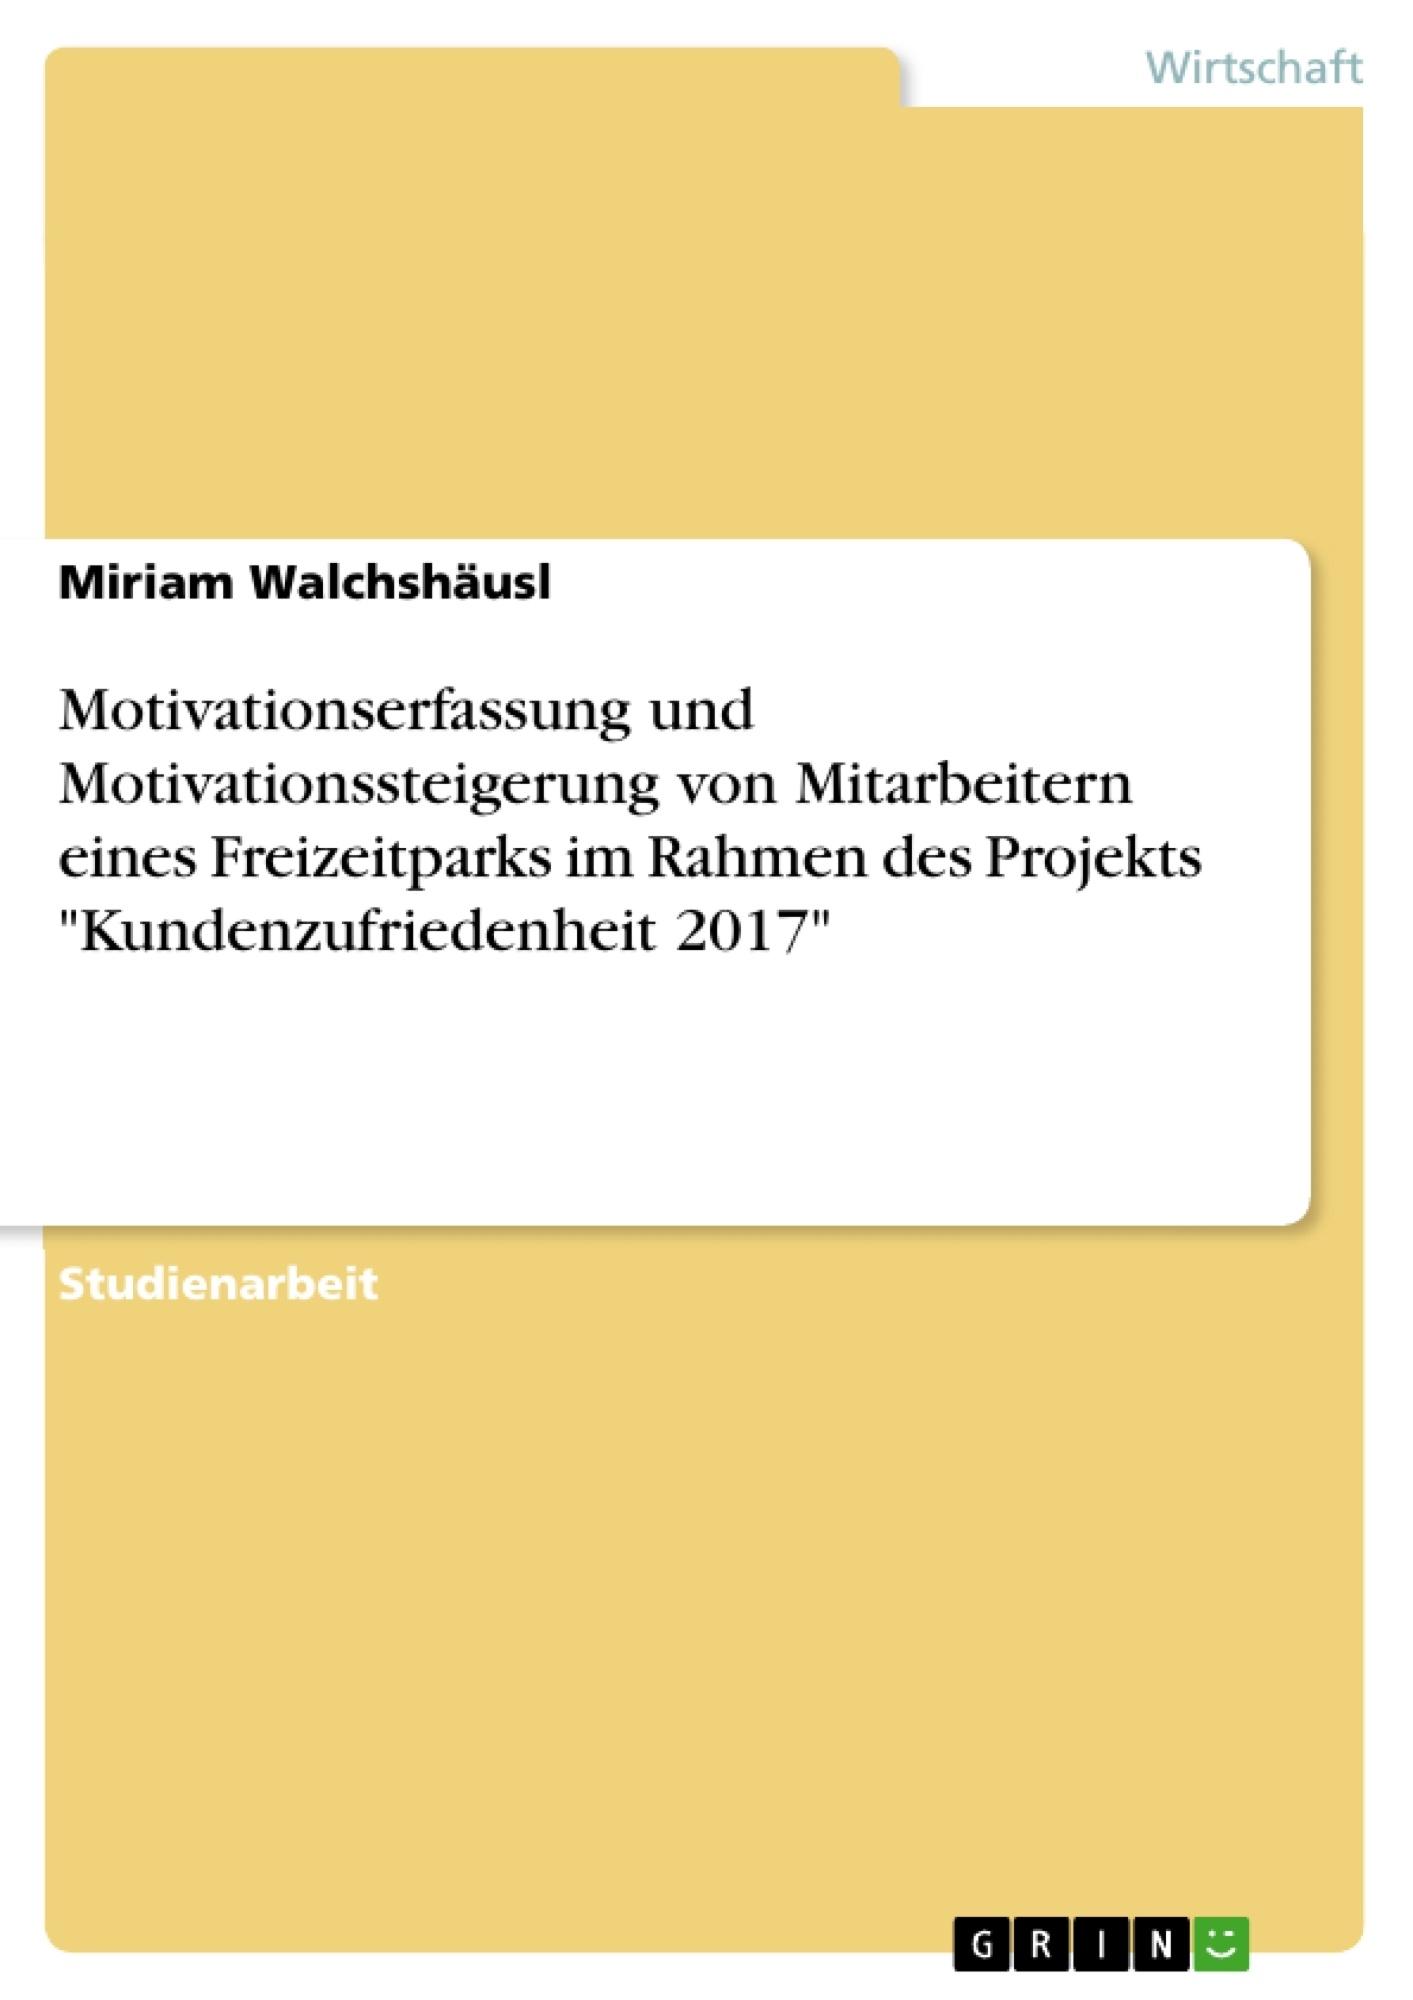 """Titel: Motivationserfassung und Motivationssteigerung von Mitarbeitern eines Freizeitparks im Rahmen des Projekts """"Kundenzufriedenheit 2017"""""""